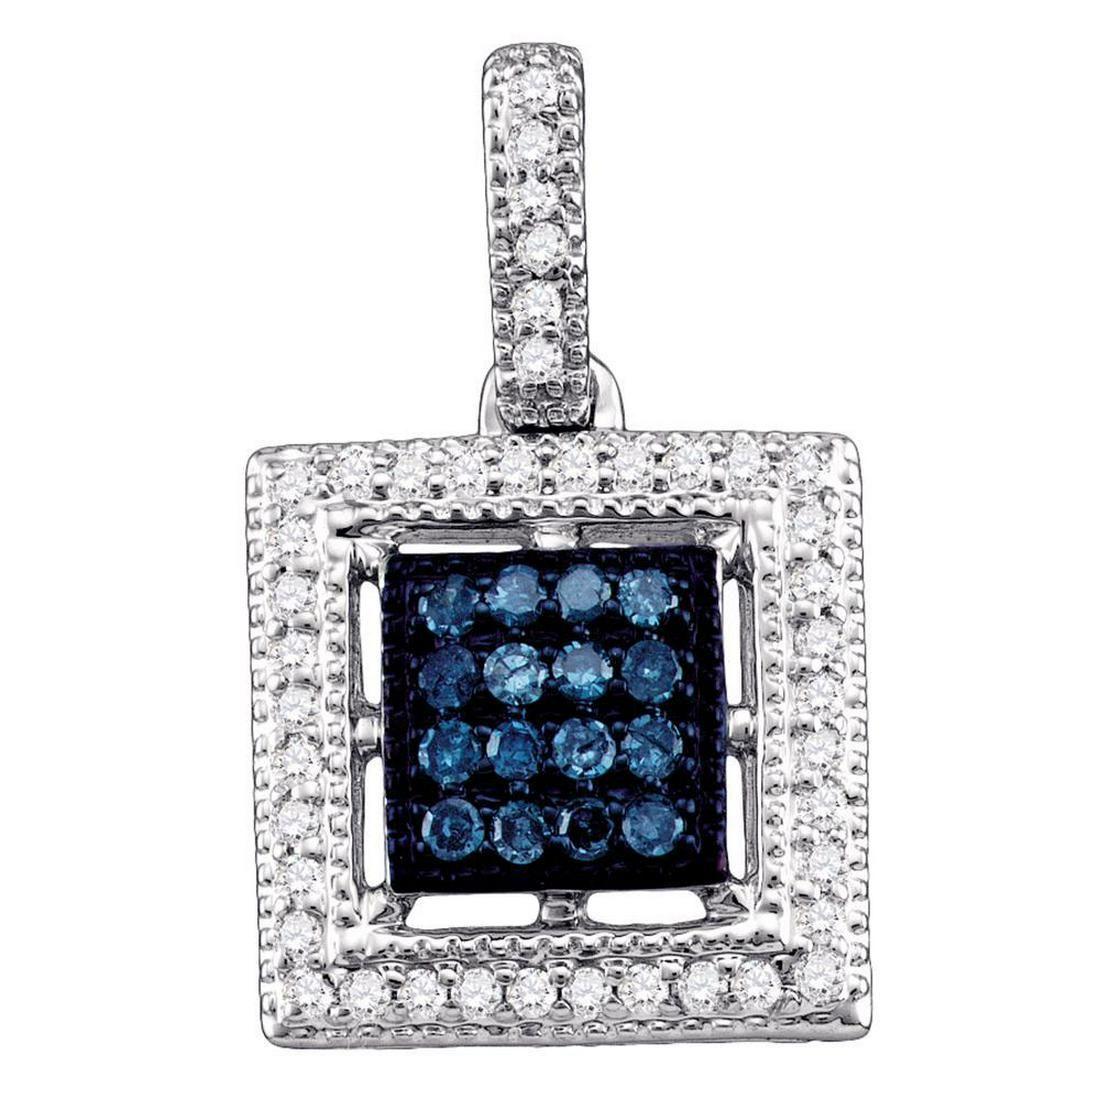 0.20 CTW Blue Color Diamond Square Cluster Pendant 10KT